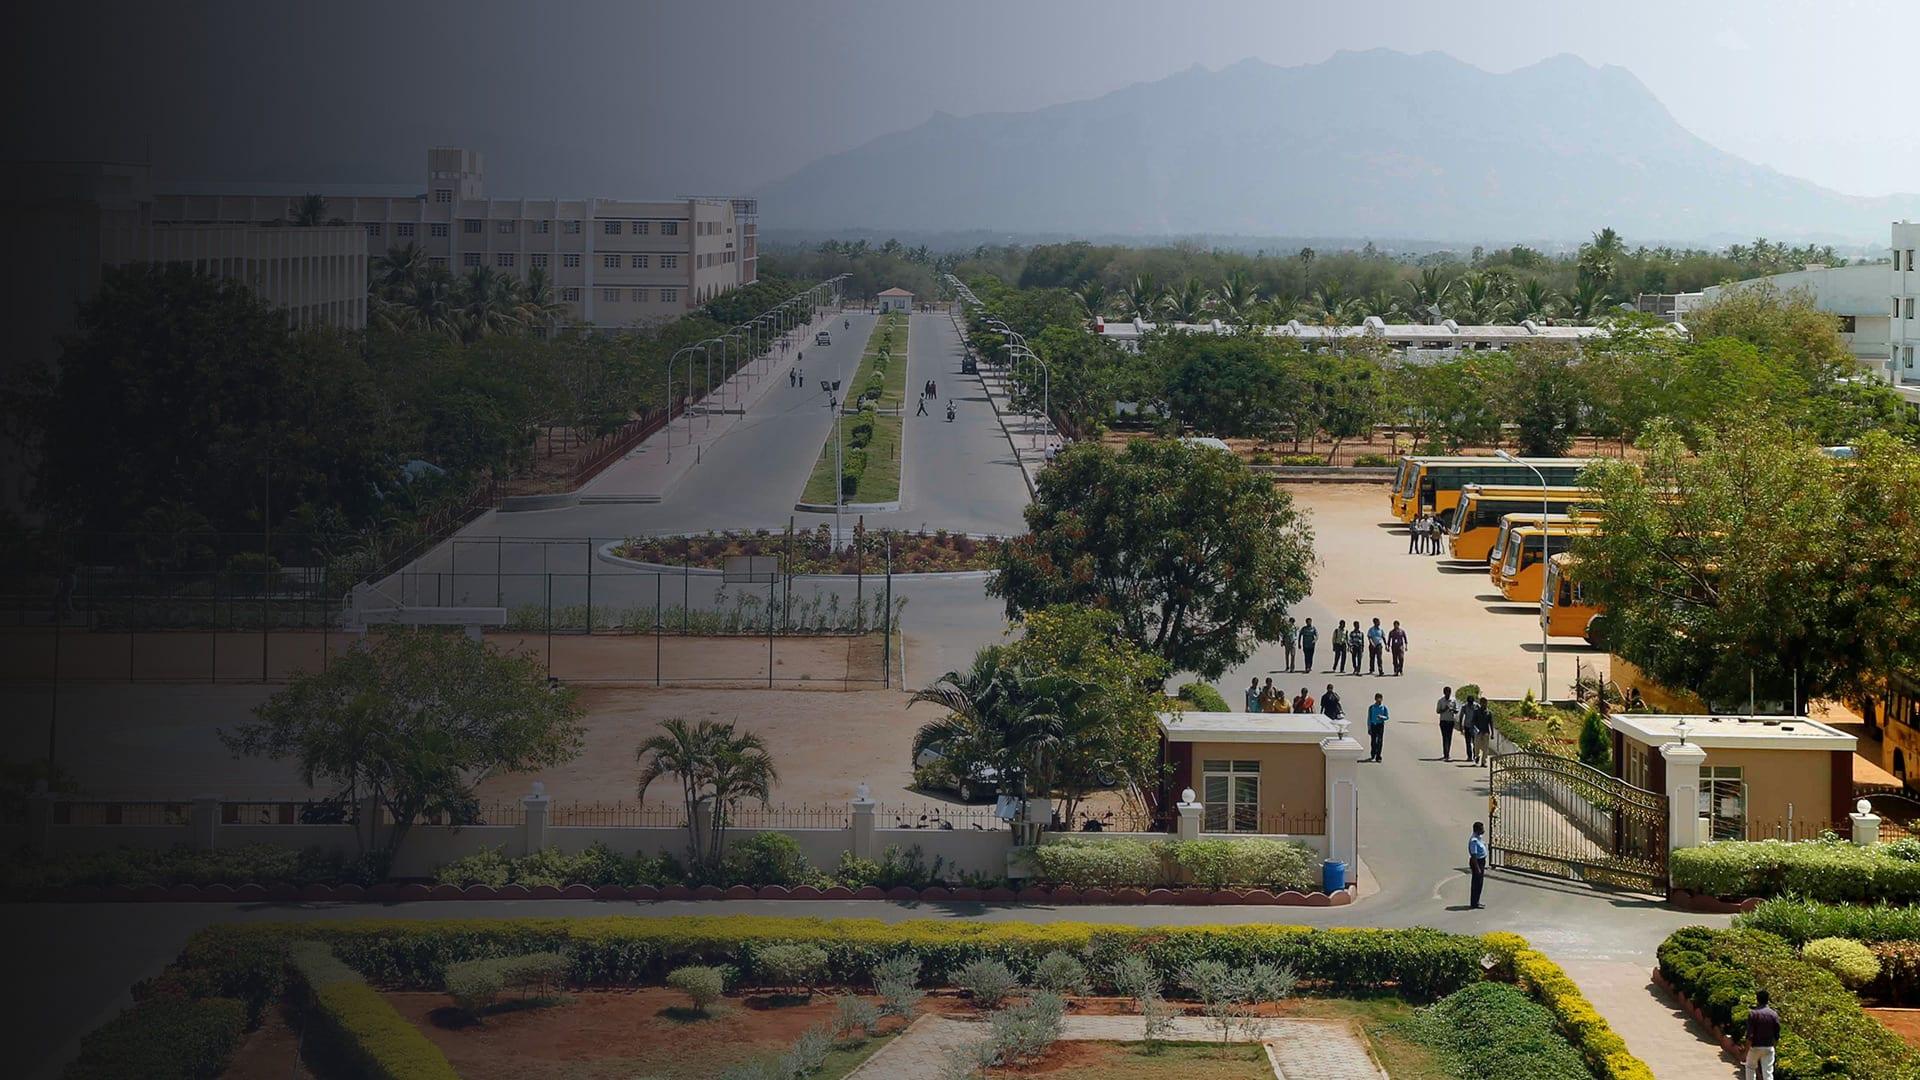 Mahendra college campus